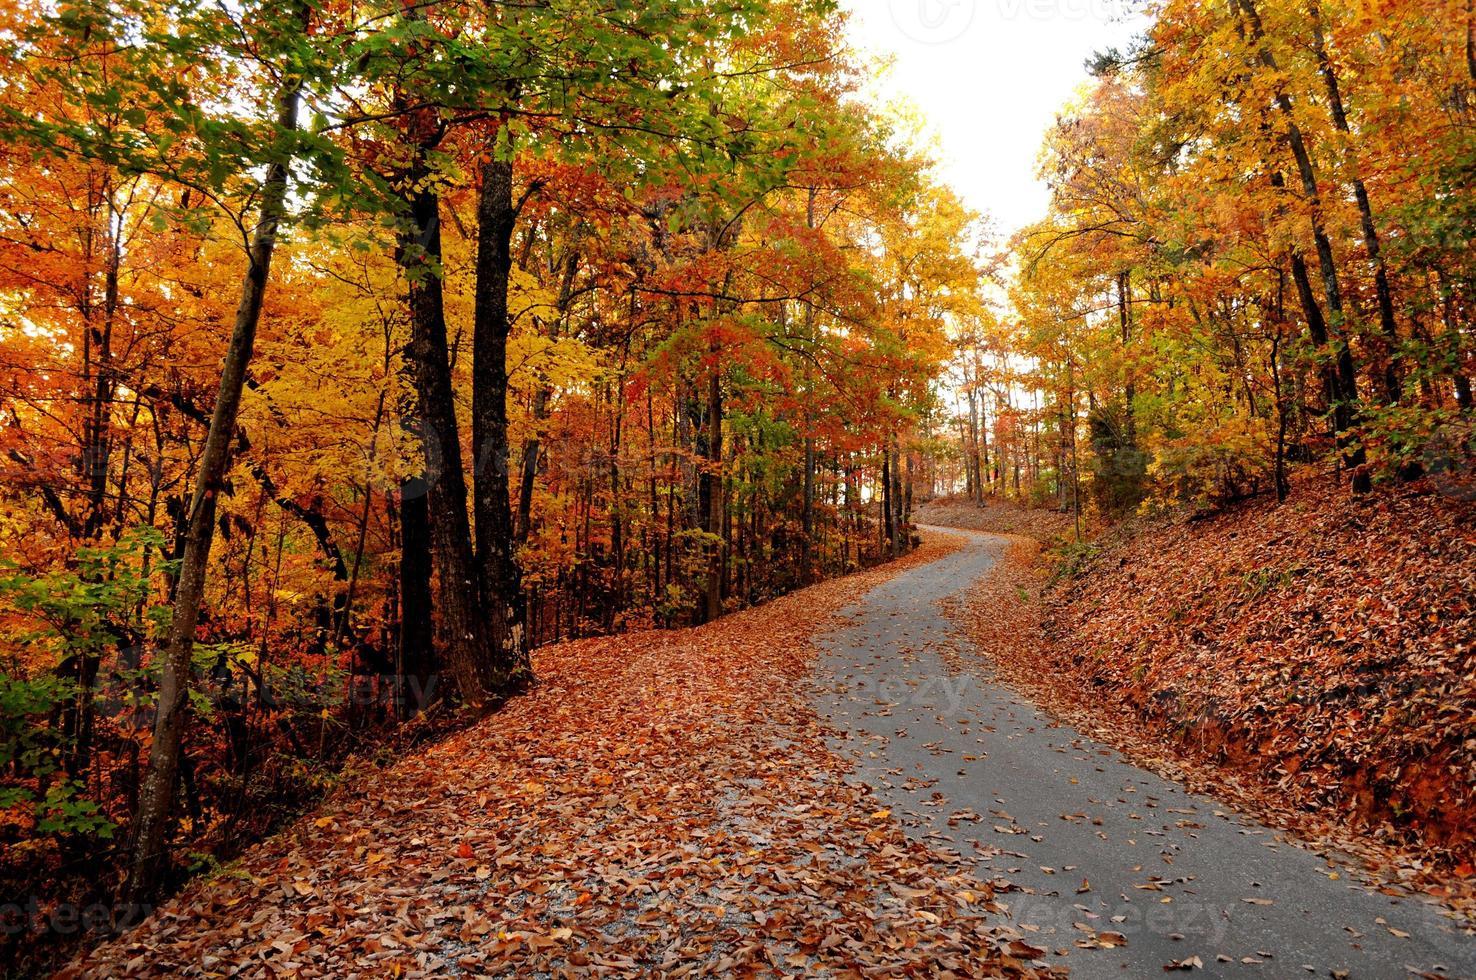 Herbstfarben mit Blättern auf einer Bergstraße foto